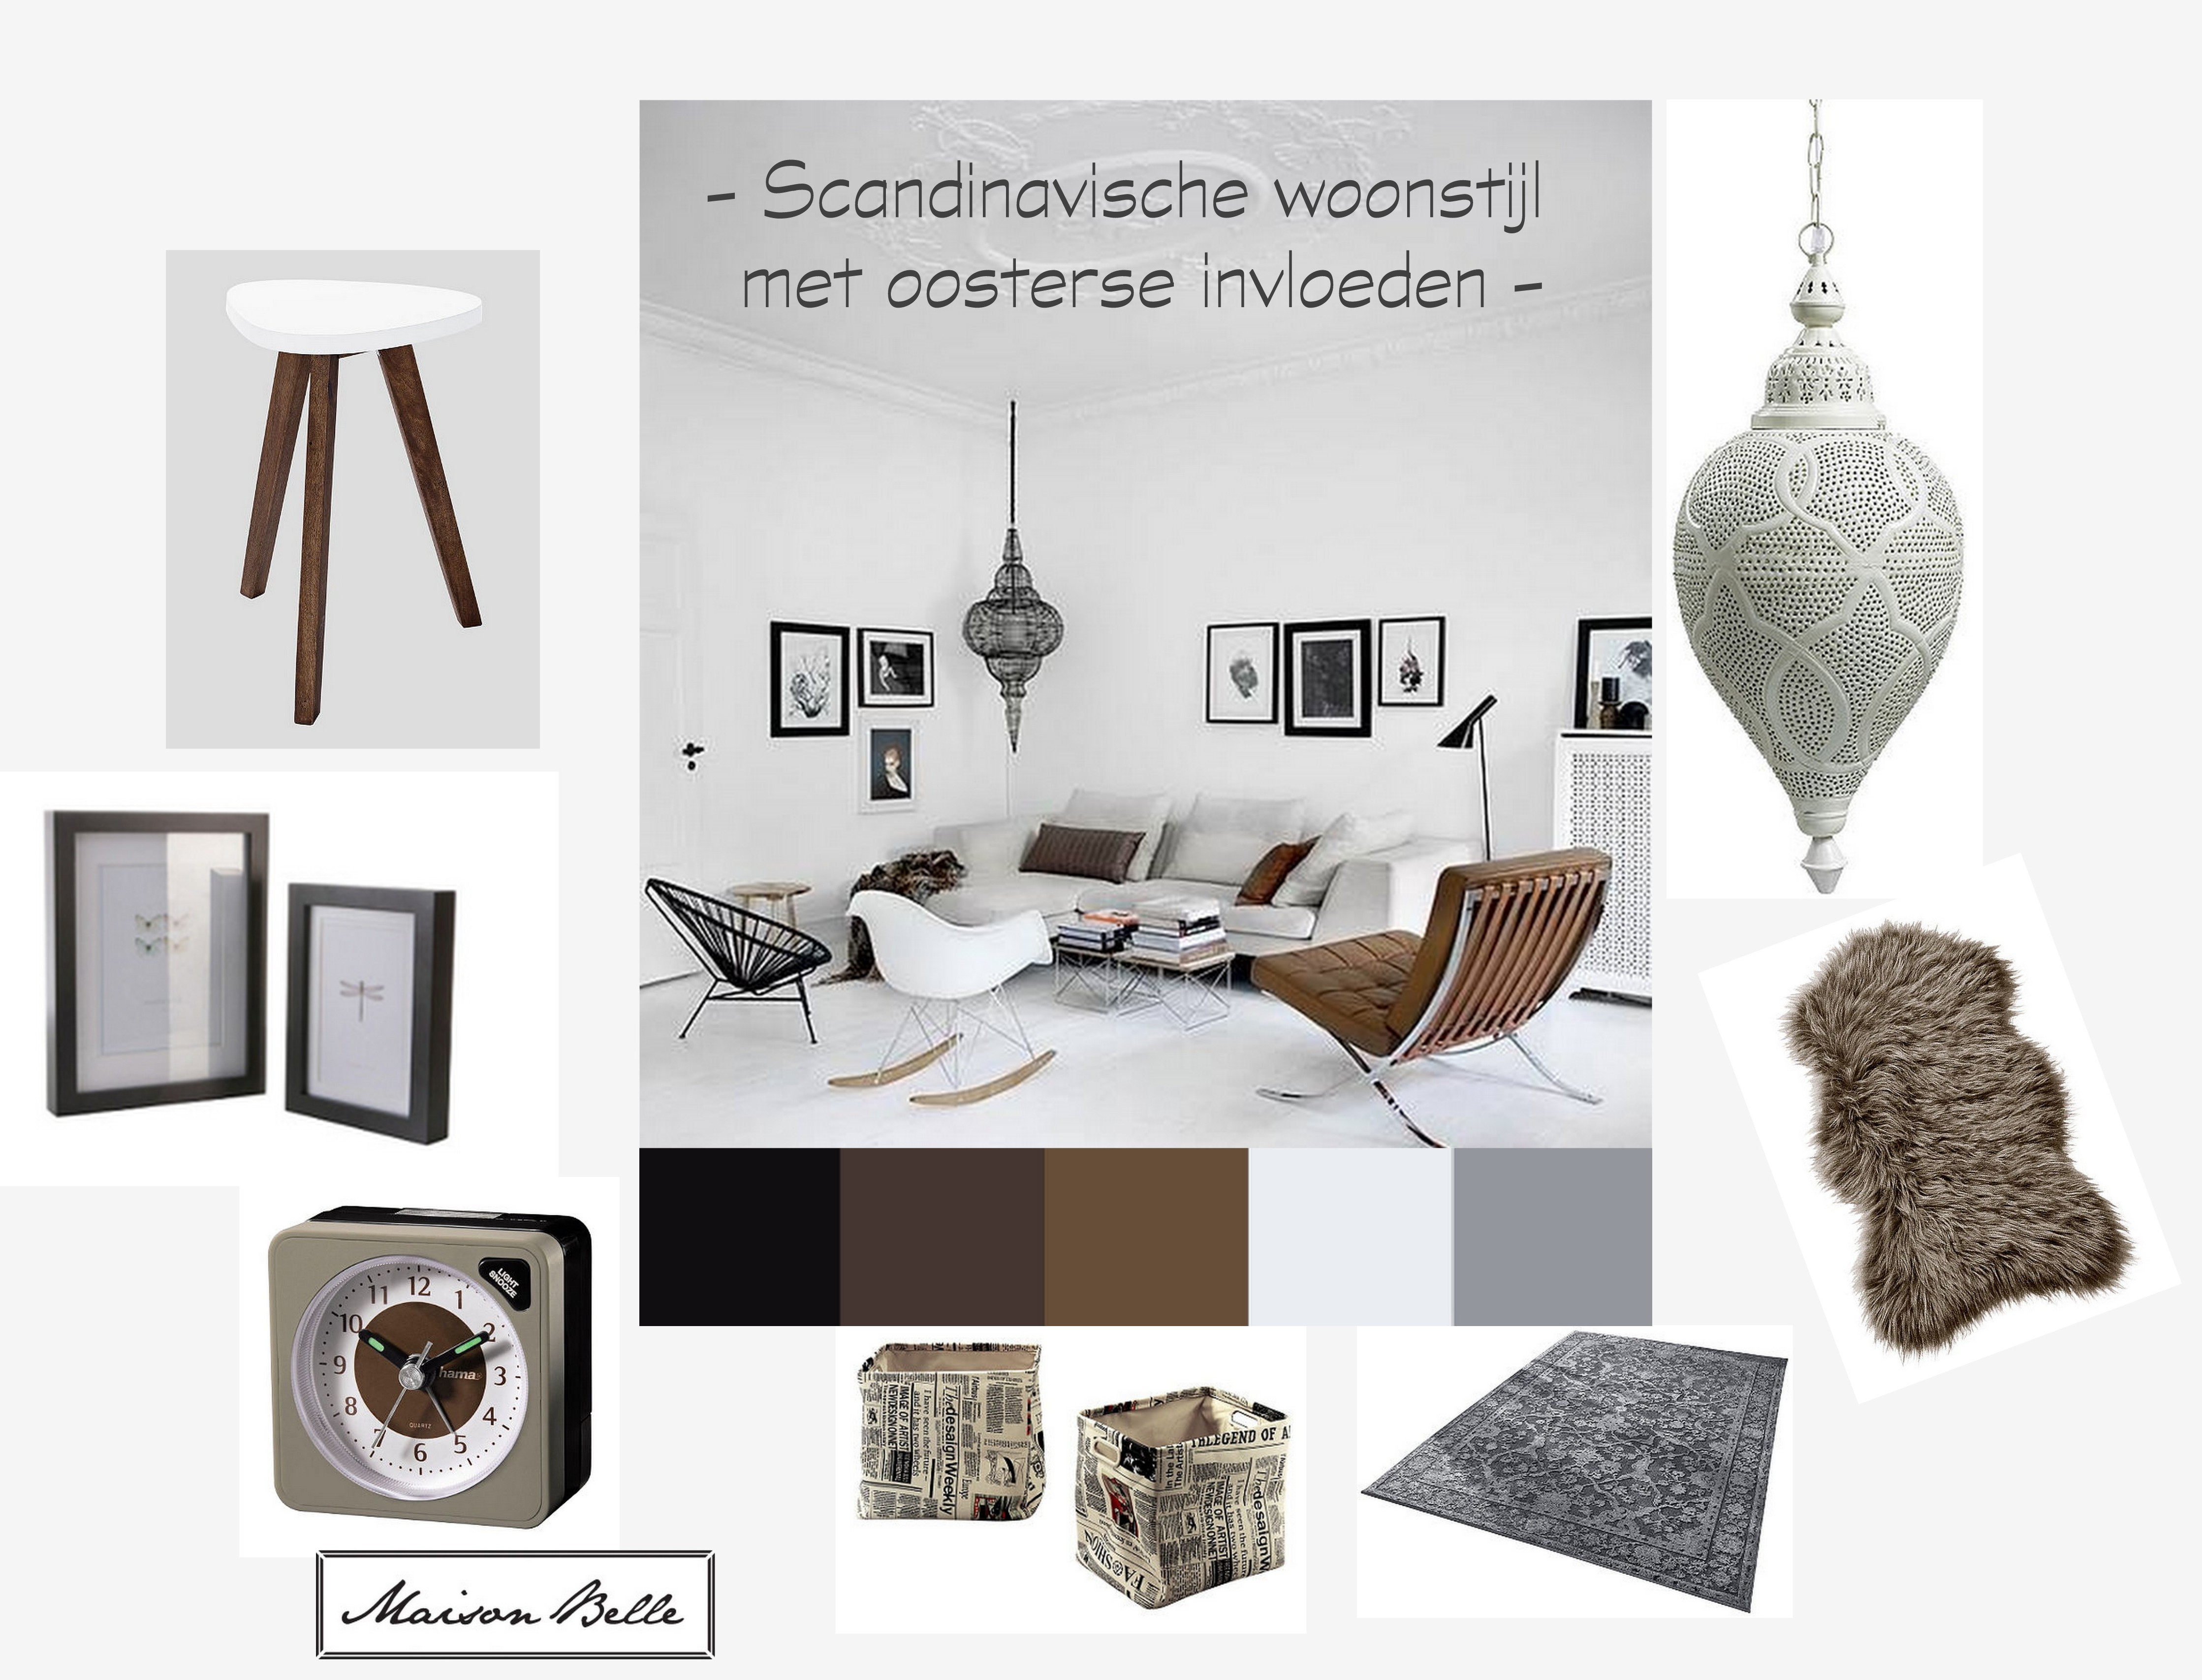 Slaapkamer Inspiratie Oosters : Scandinavische woonstijl met oosterse invloeden maison belle